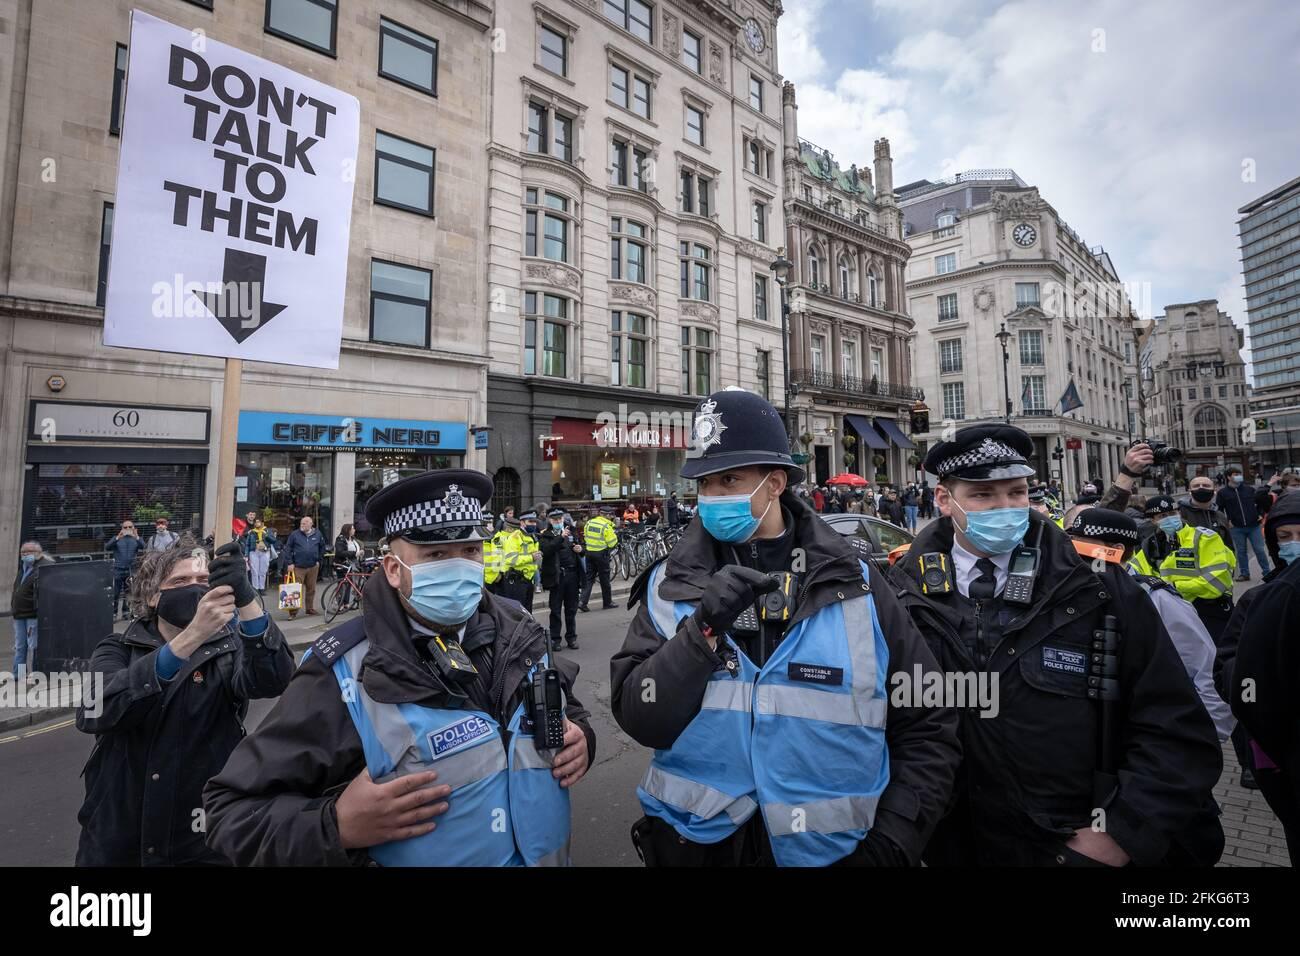 Londra, Regno Unito. 1 maggio 2021. Uccidi la protesta di Bill. Migliaia di persone si riuniscono a Trafalgar Square pronti a marzo contro un nuovo progetto di legge di polizia, crimine, condanna e tribunali il giorno di maggio (o Festa del lavoro). Numerosi movimenti sociali si sono uniti per protestare contro il disegno di legge, che a loro parere avrebbe posto significativi cordoni sulla libertà di parola e di riunione, dando poteri di polizia per frenare le proteste, tra le altre misure. Credit: Guy Corbishley/Alamy Live News Foto Stock